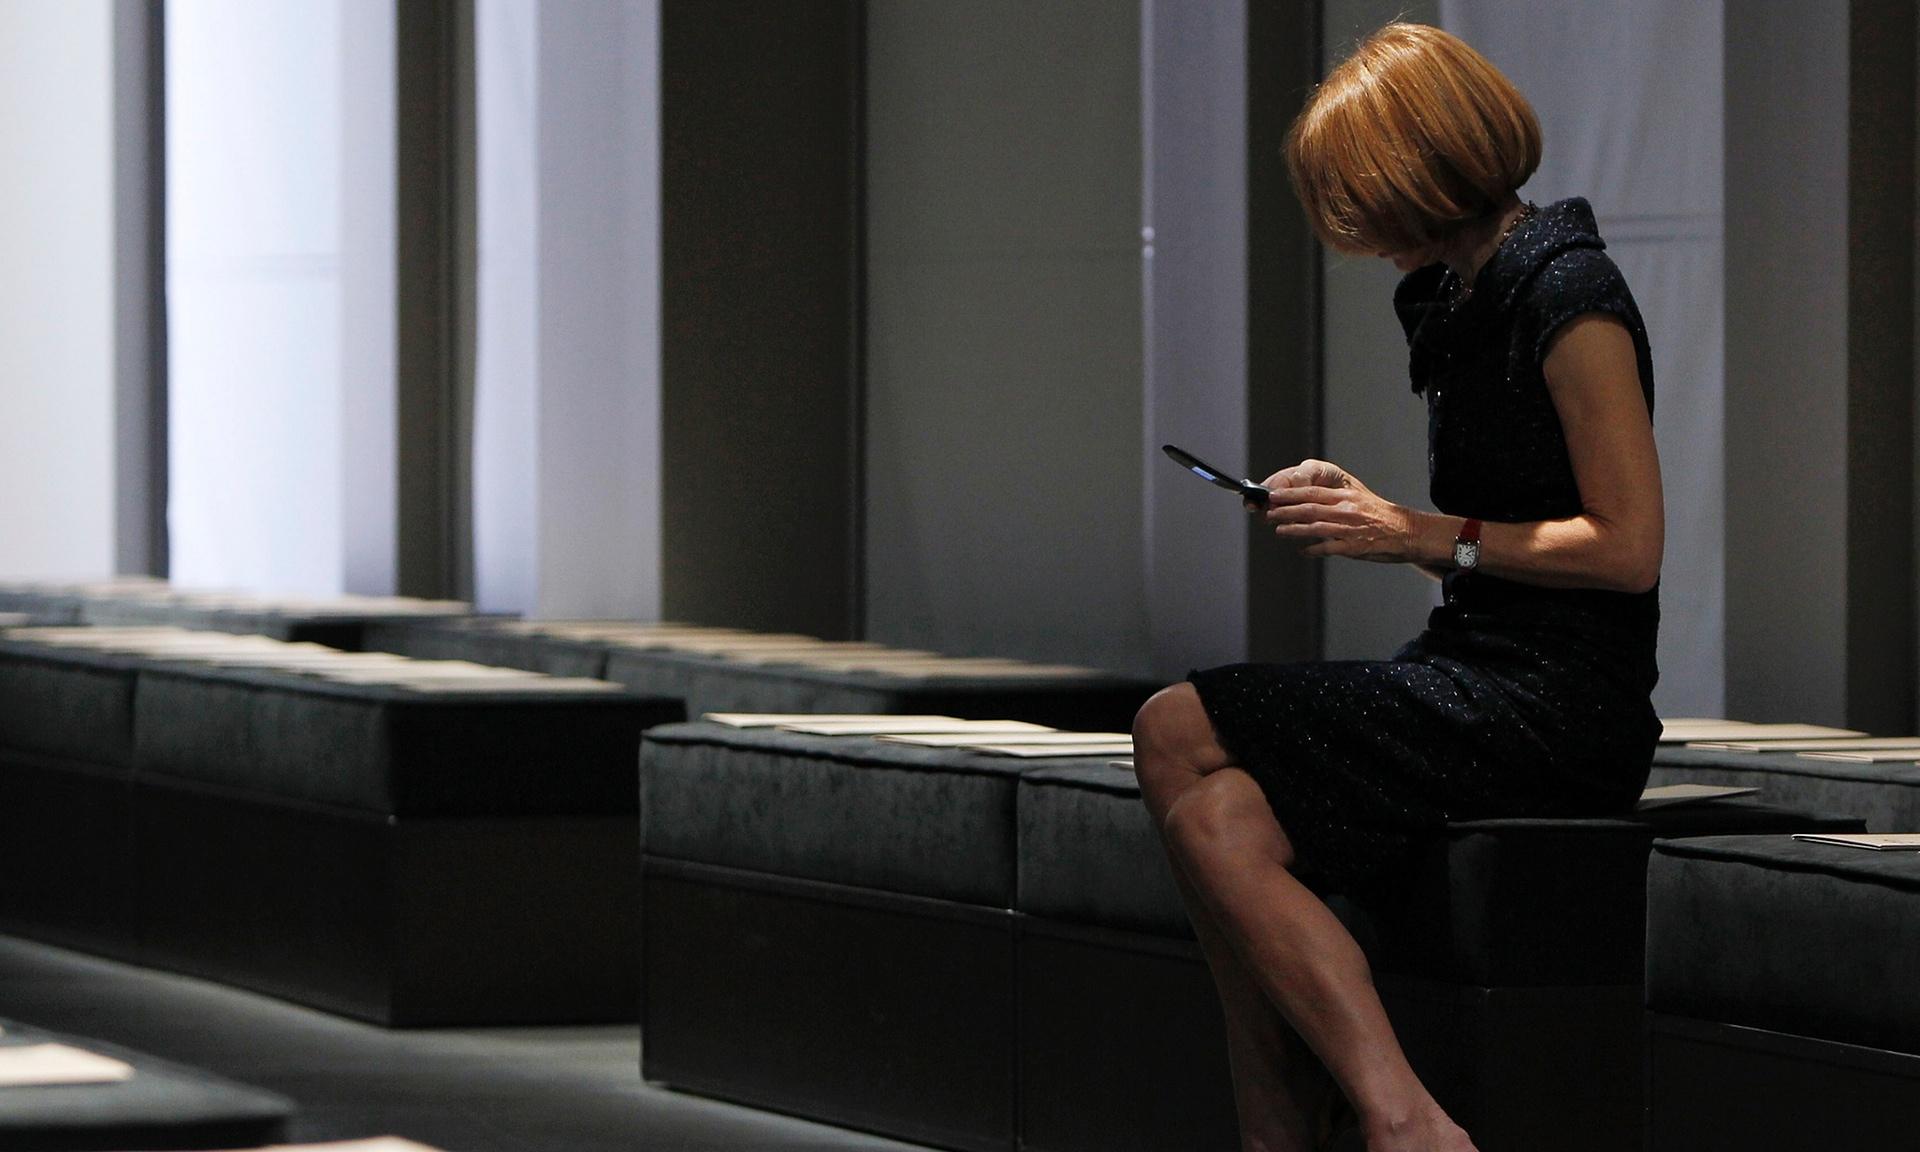 真.潮流教主 Anna Wintour 仍是傳統手機的捧場客。圖片來源:路透社